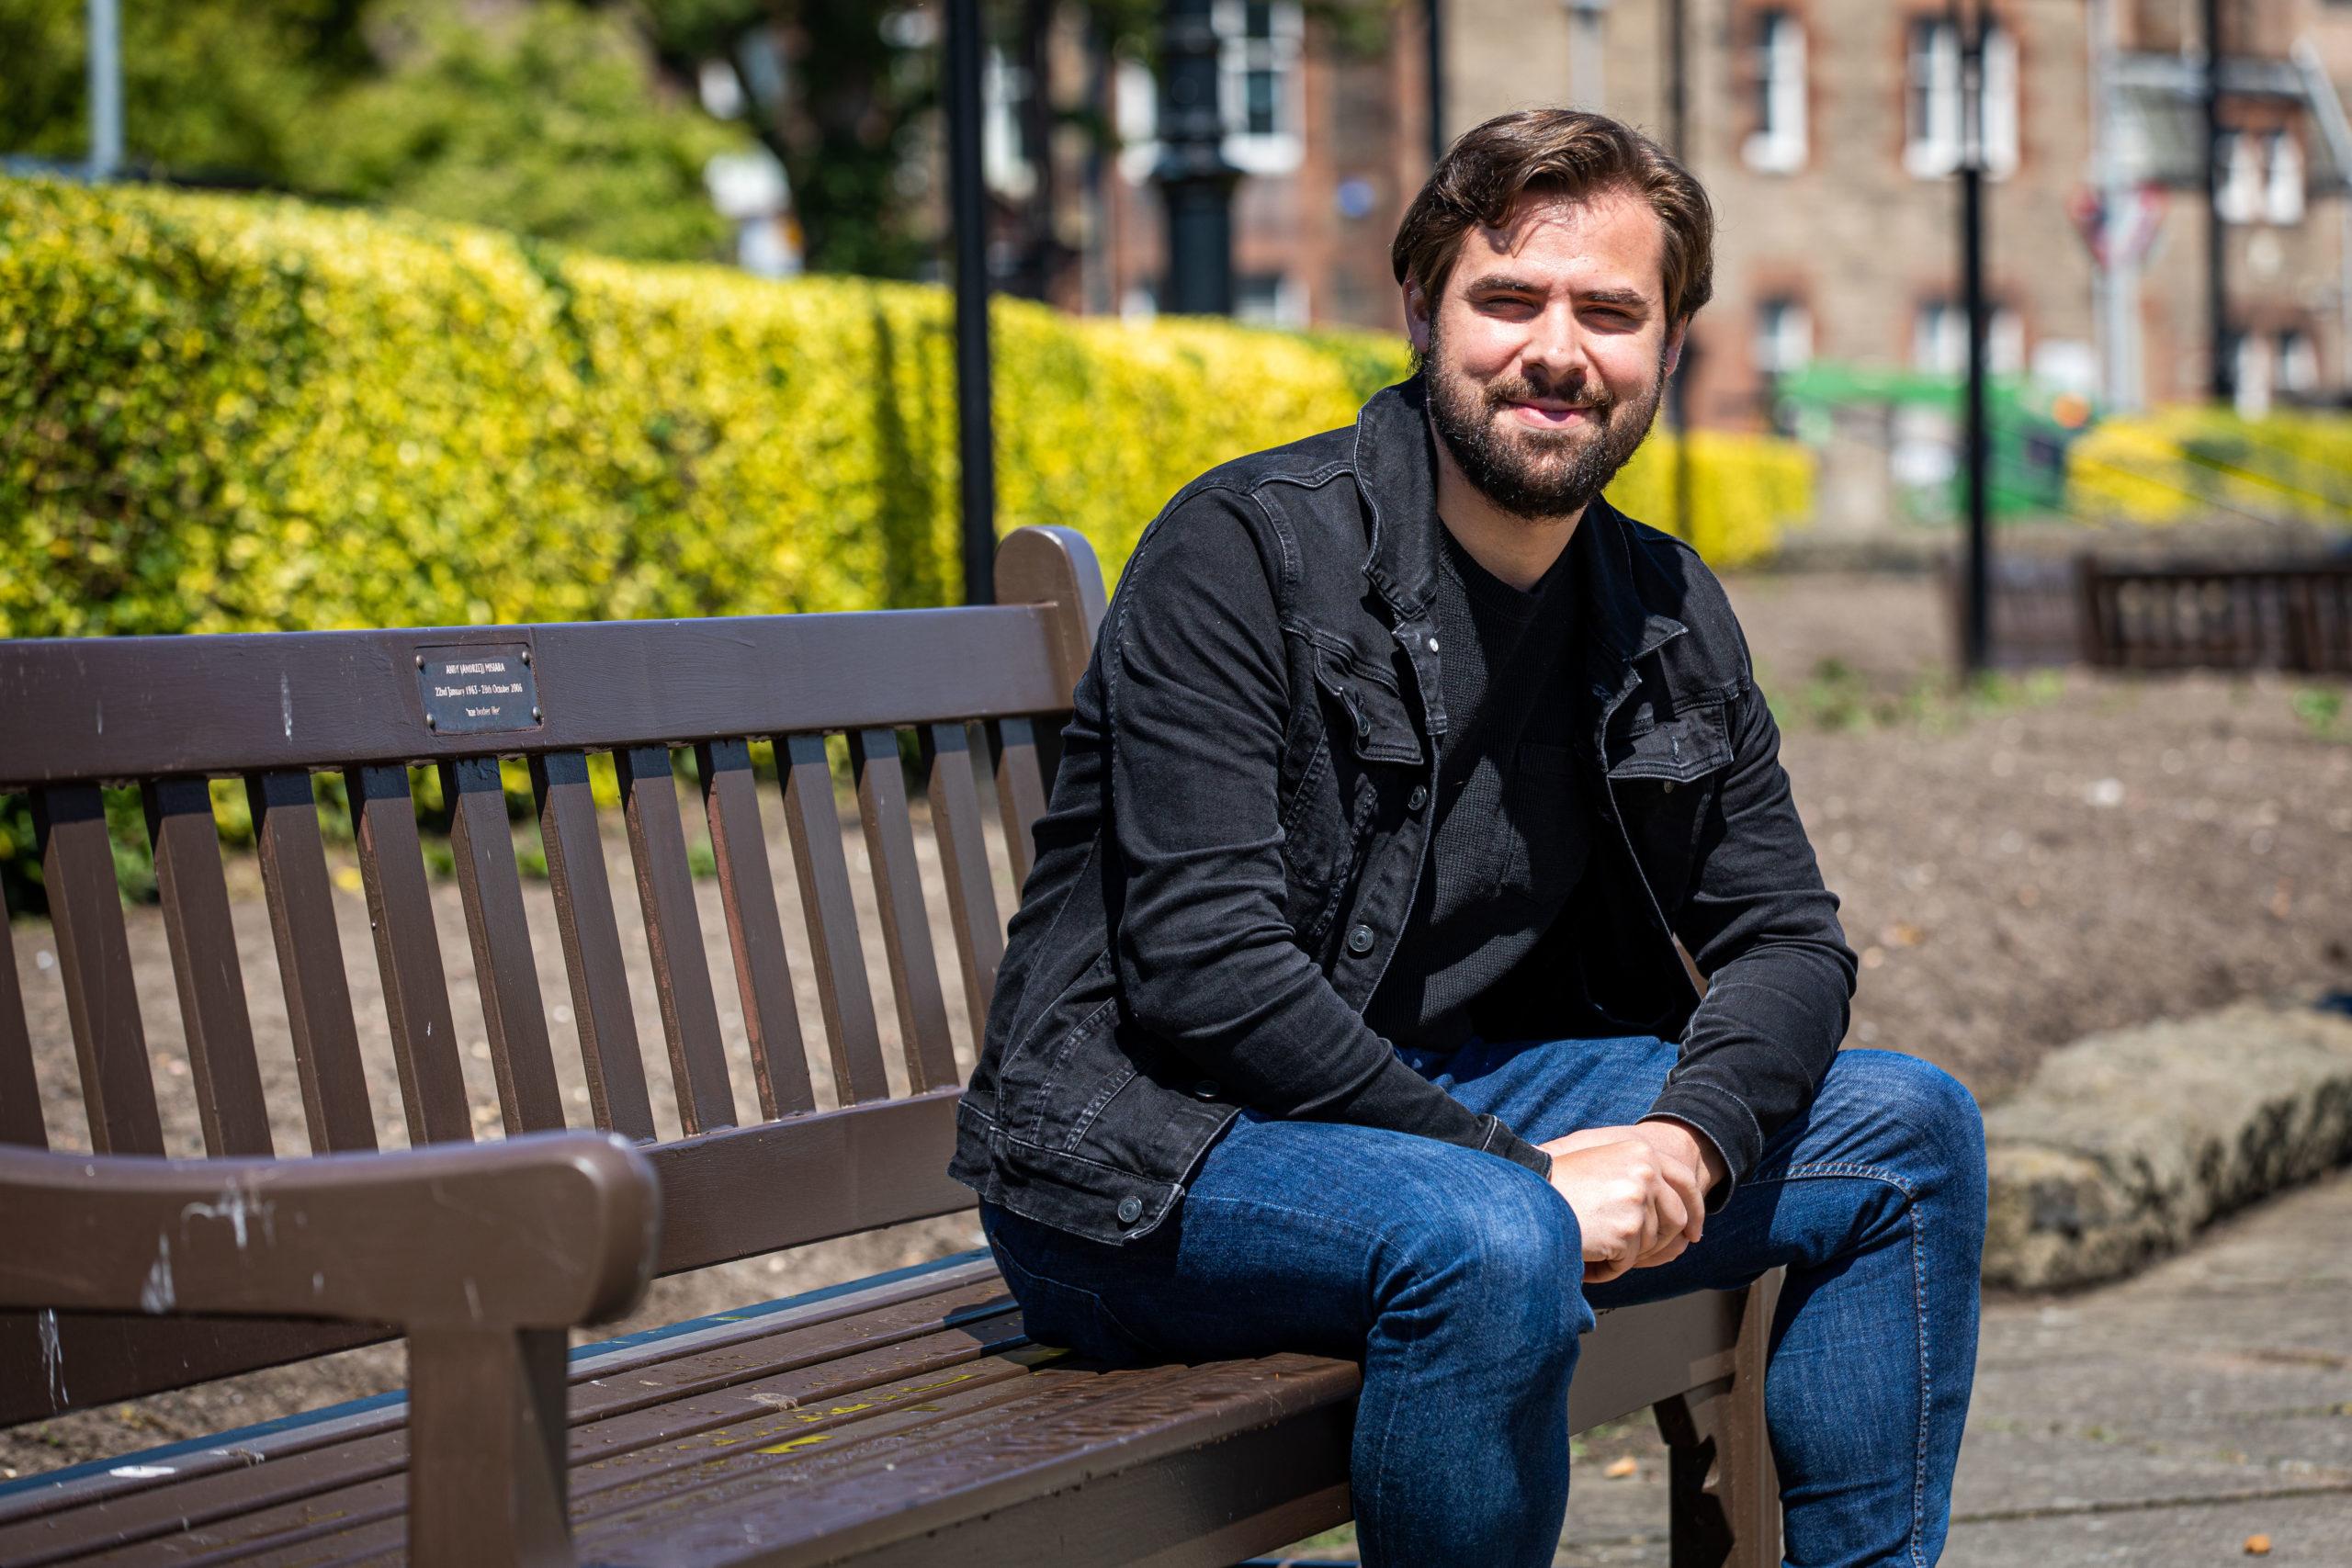 Gavin Hugh of MidgieBite Media